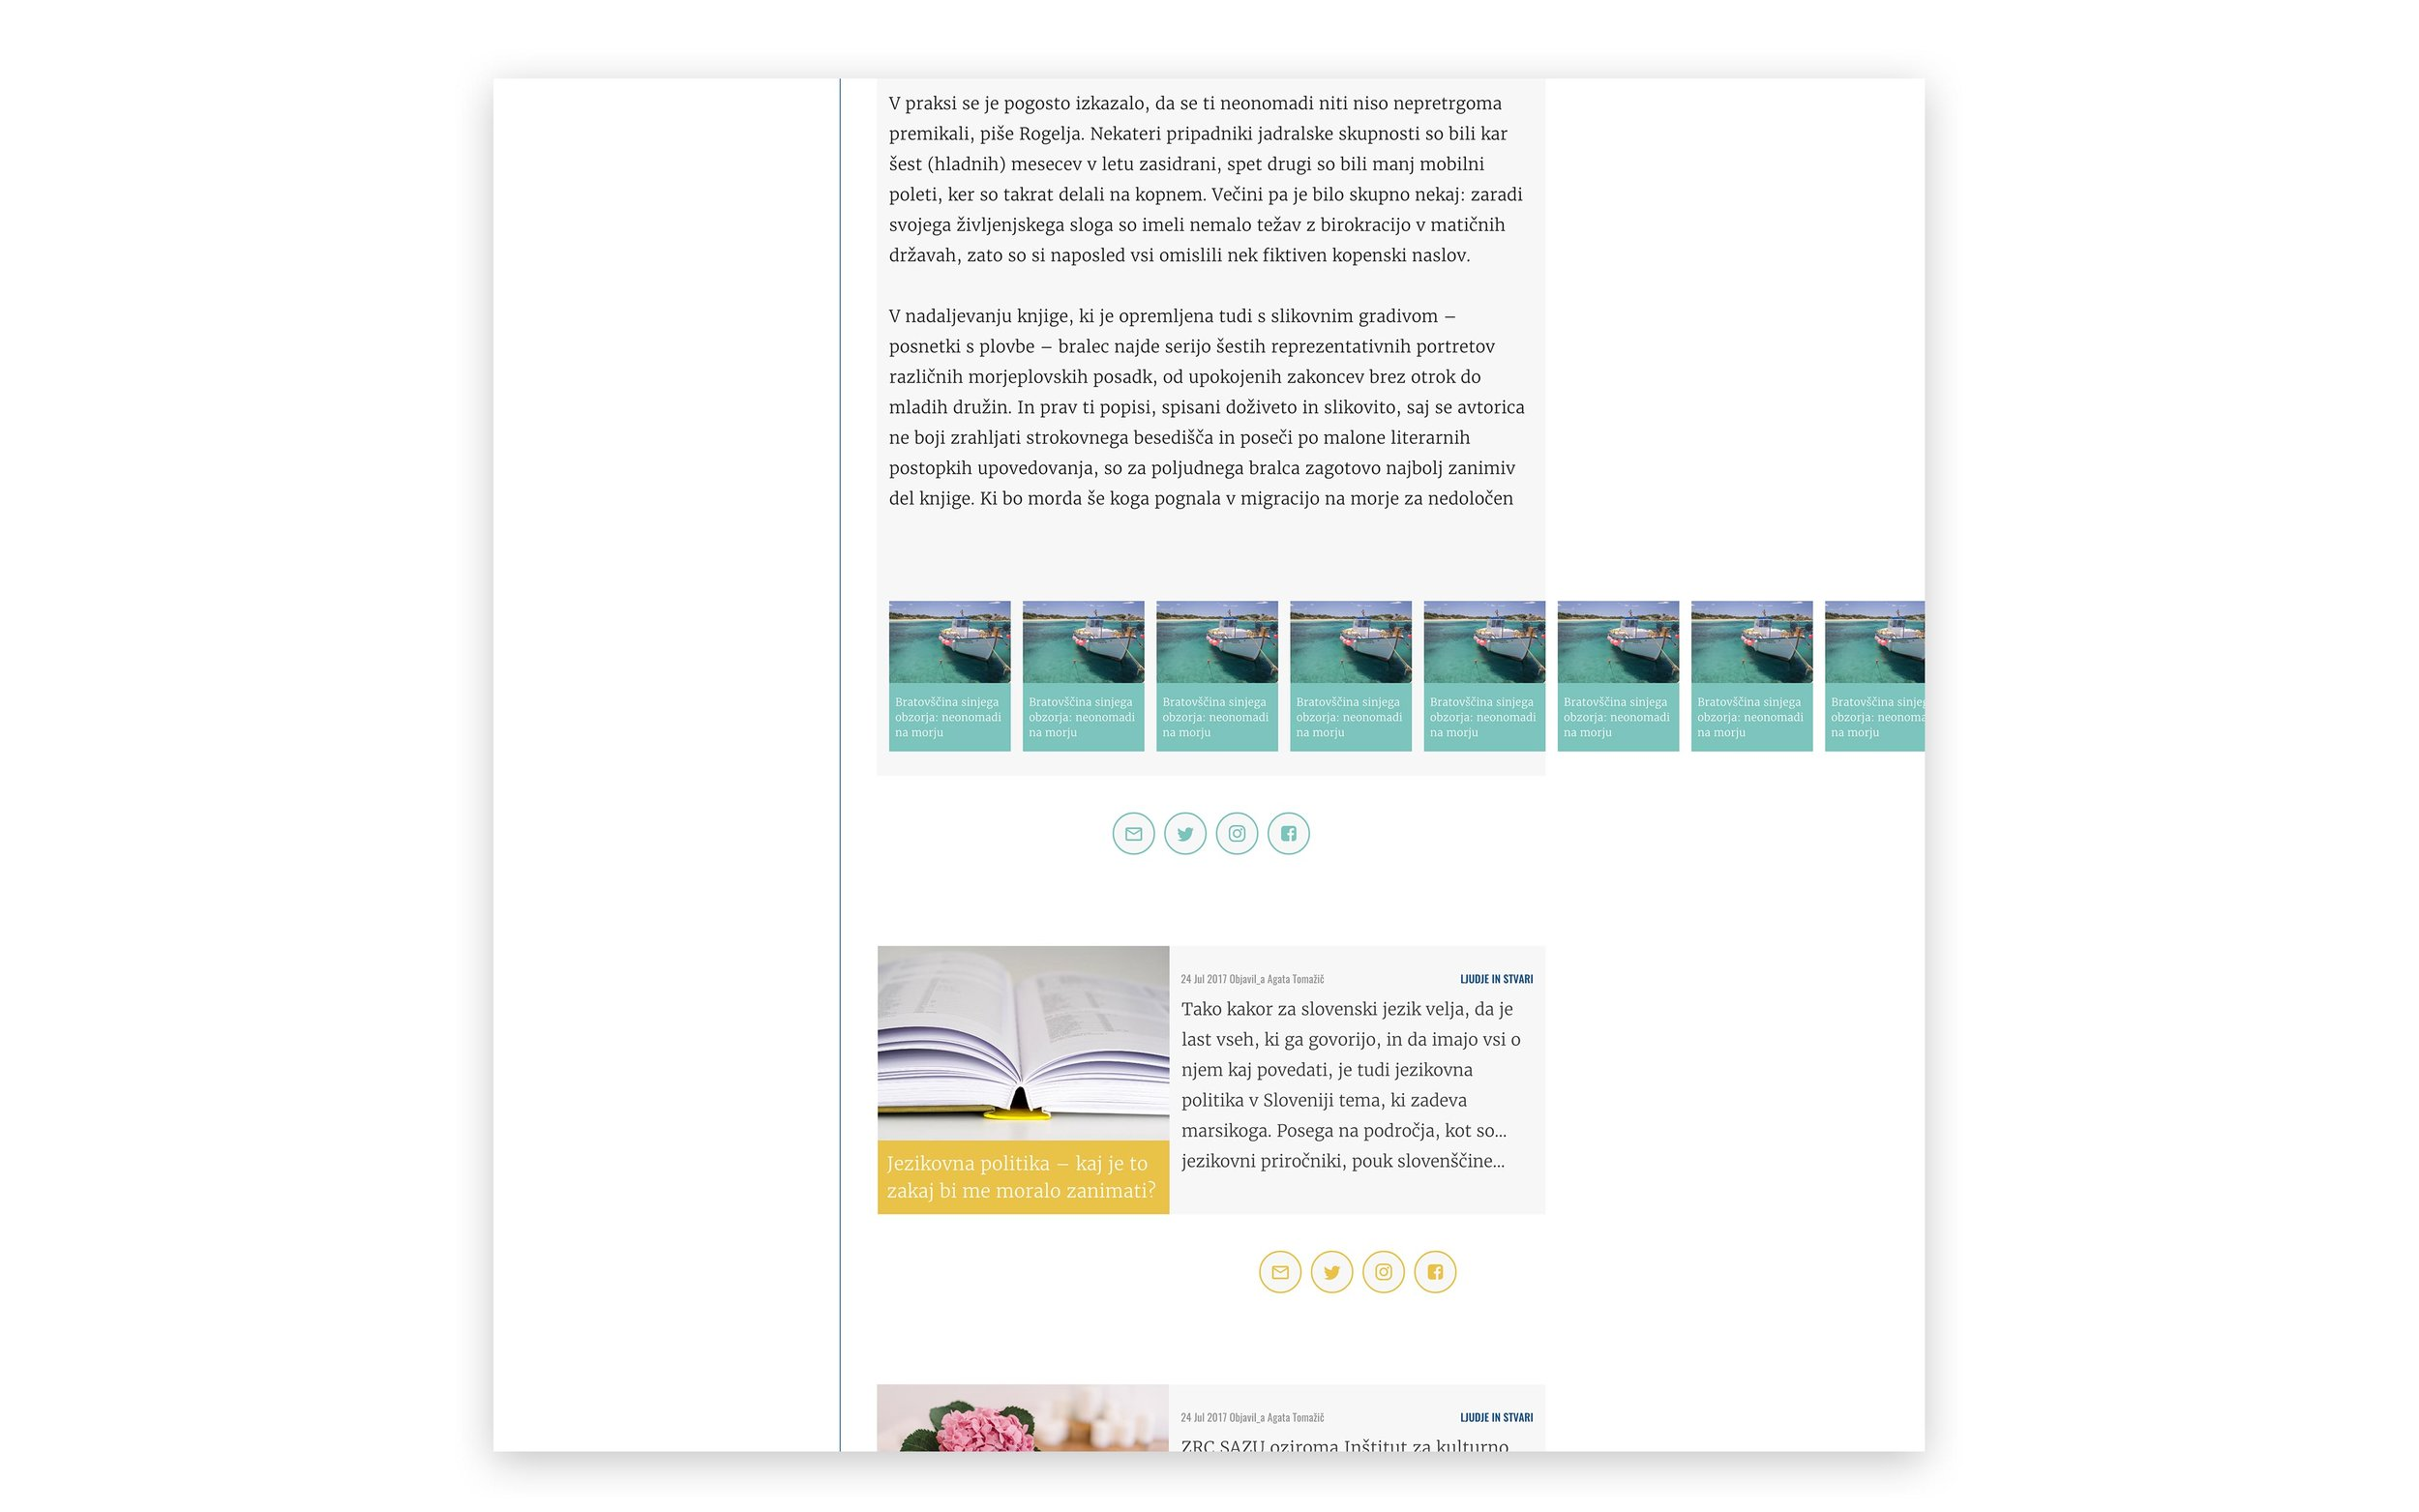 desktop article suggestions.jpg